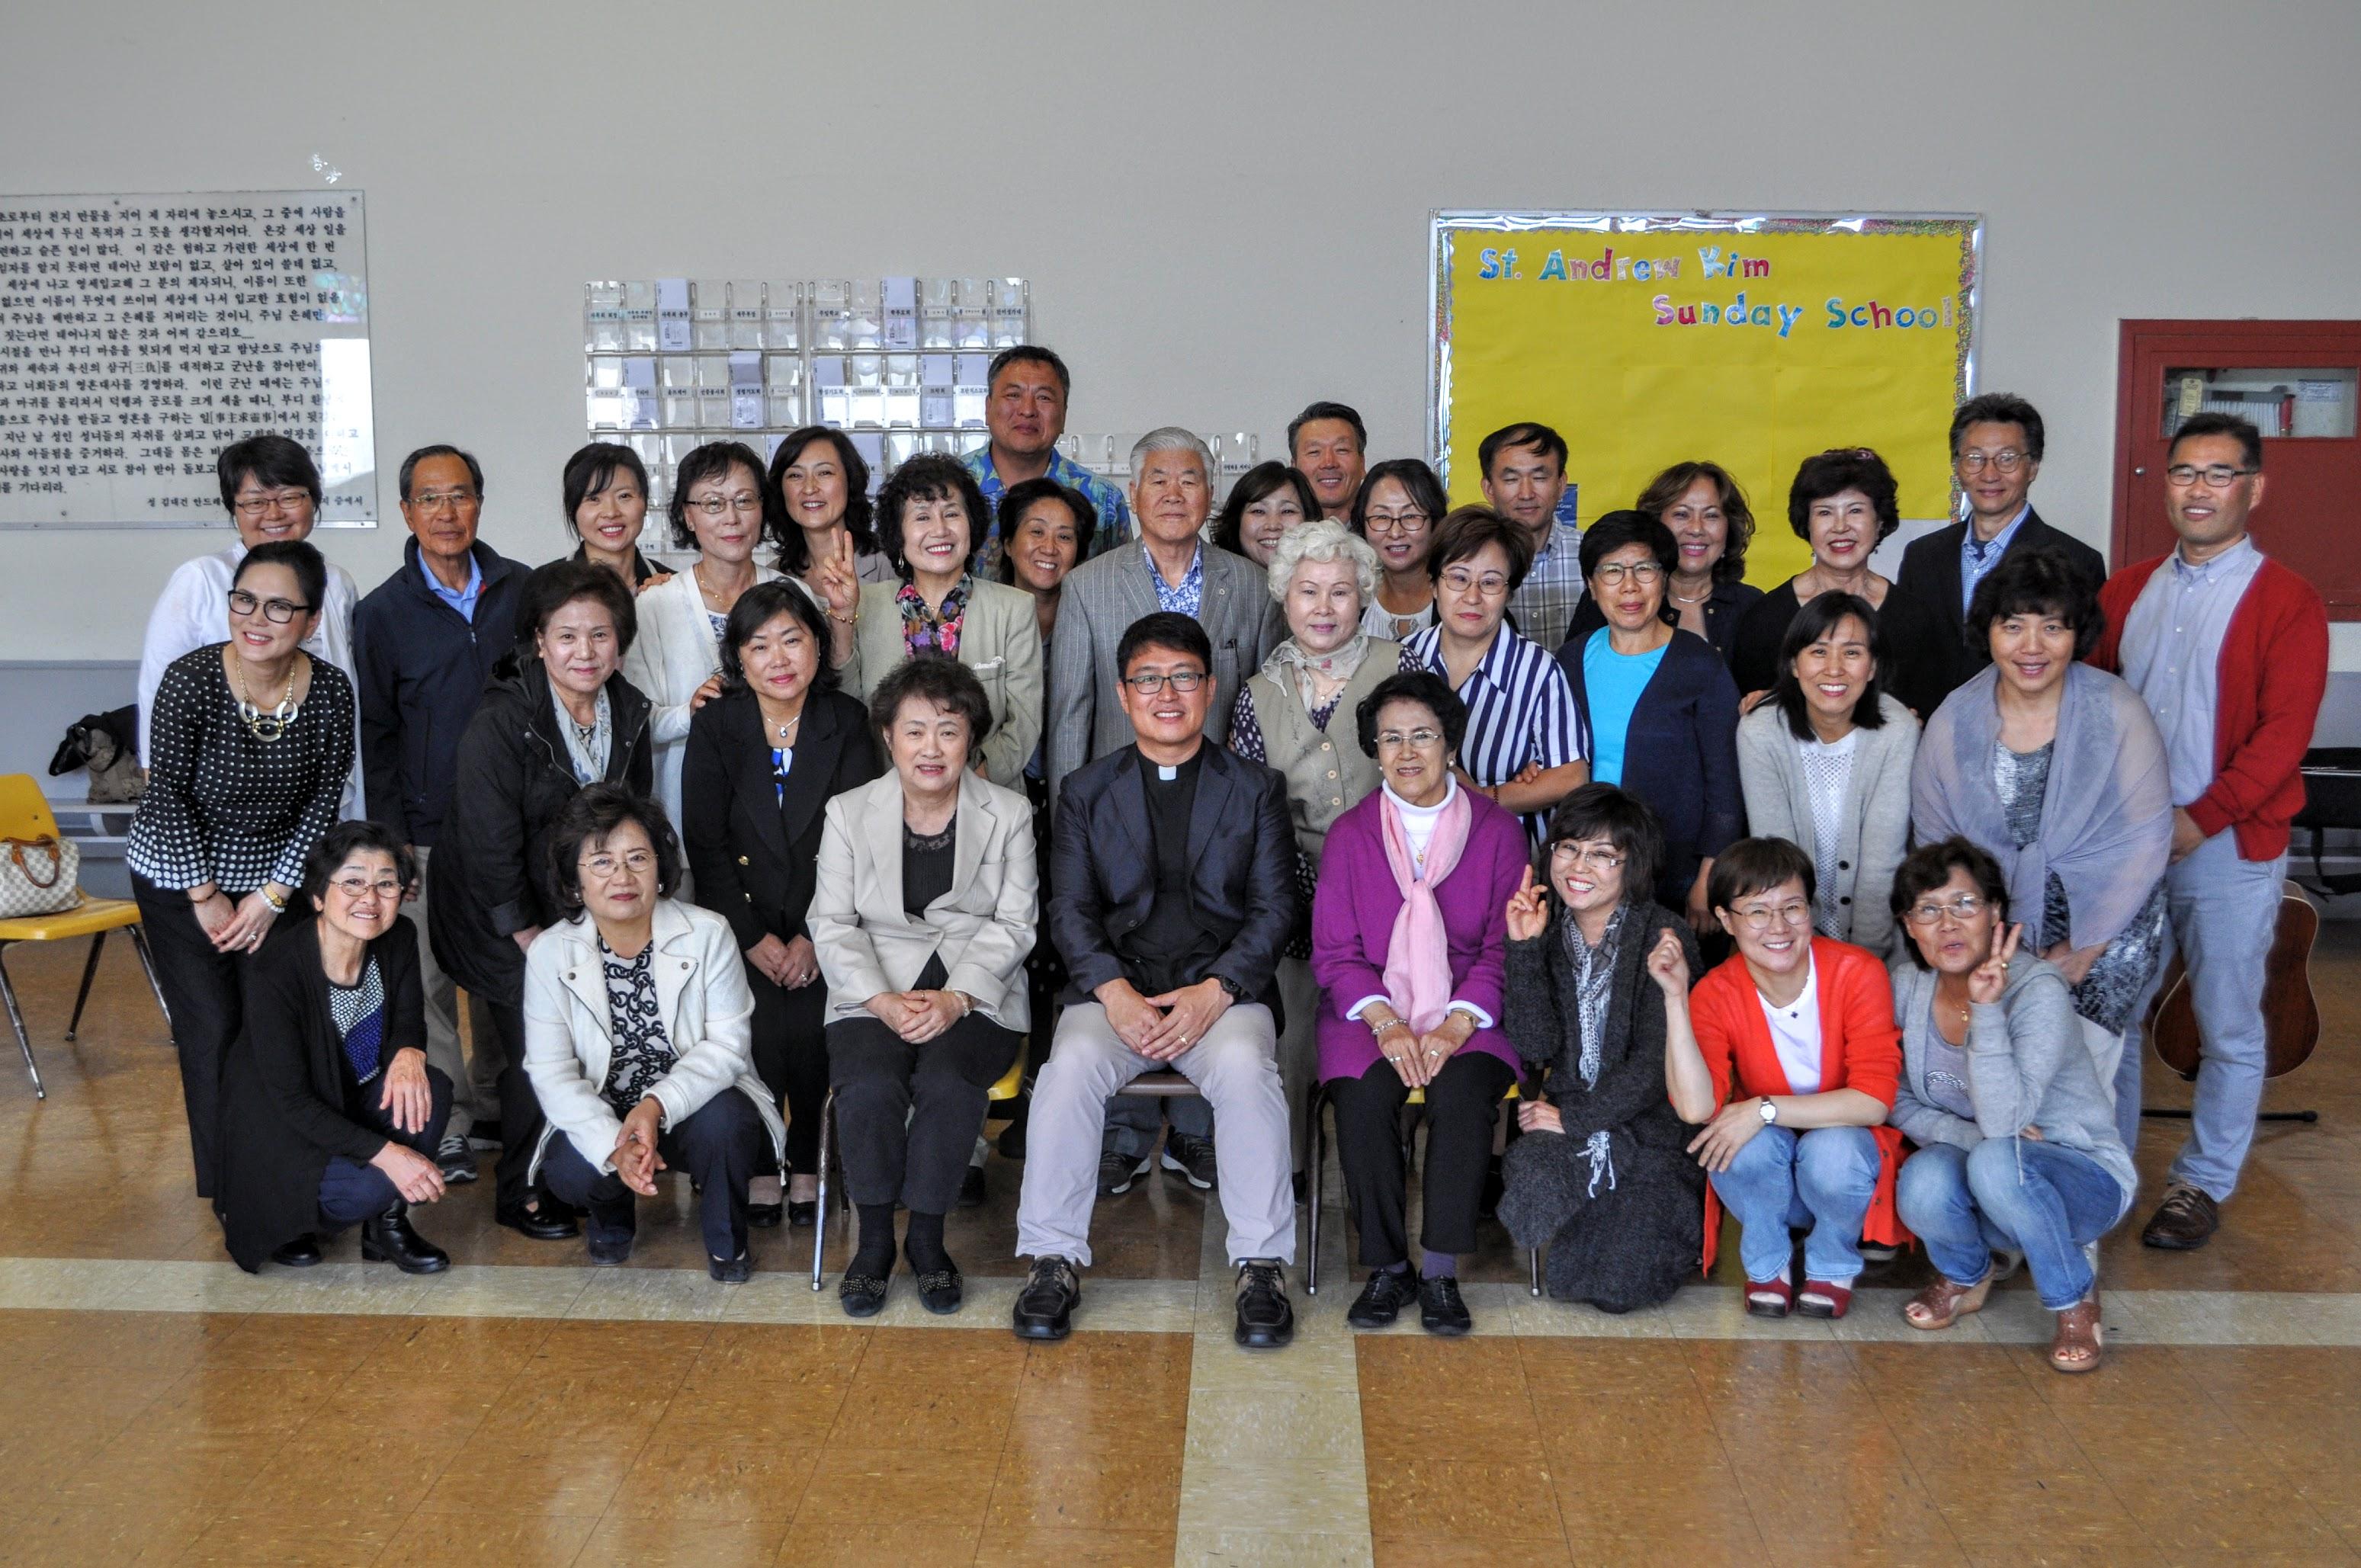 합동기도회 -북가주 성령쇄신 봉사회 09/03/2016